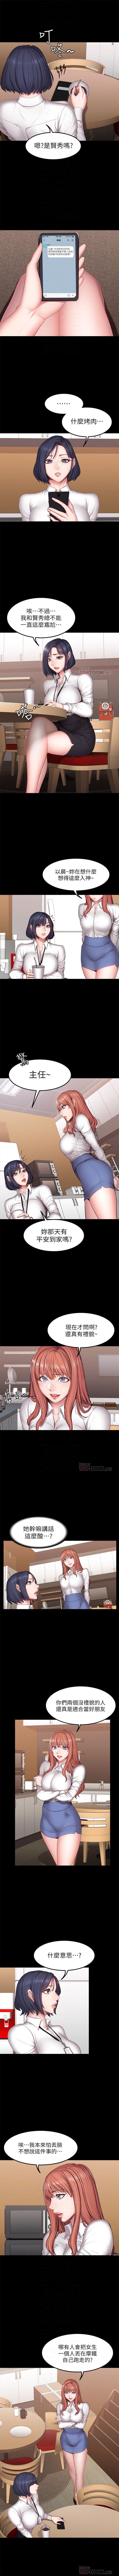 (周3)健身教练 1-29 中文翻译 (更新中) 185